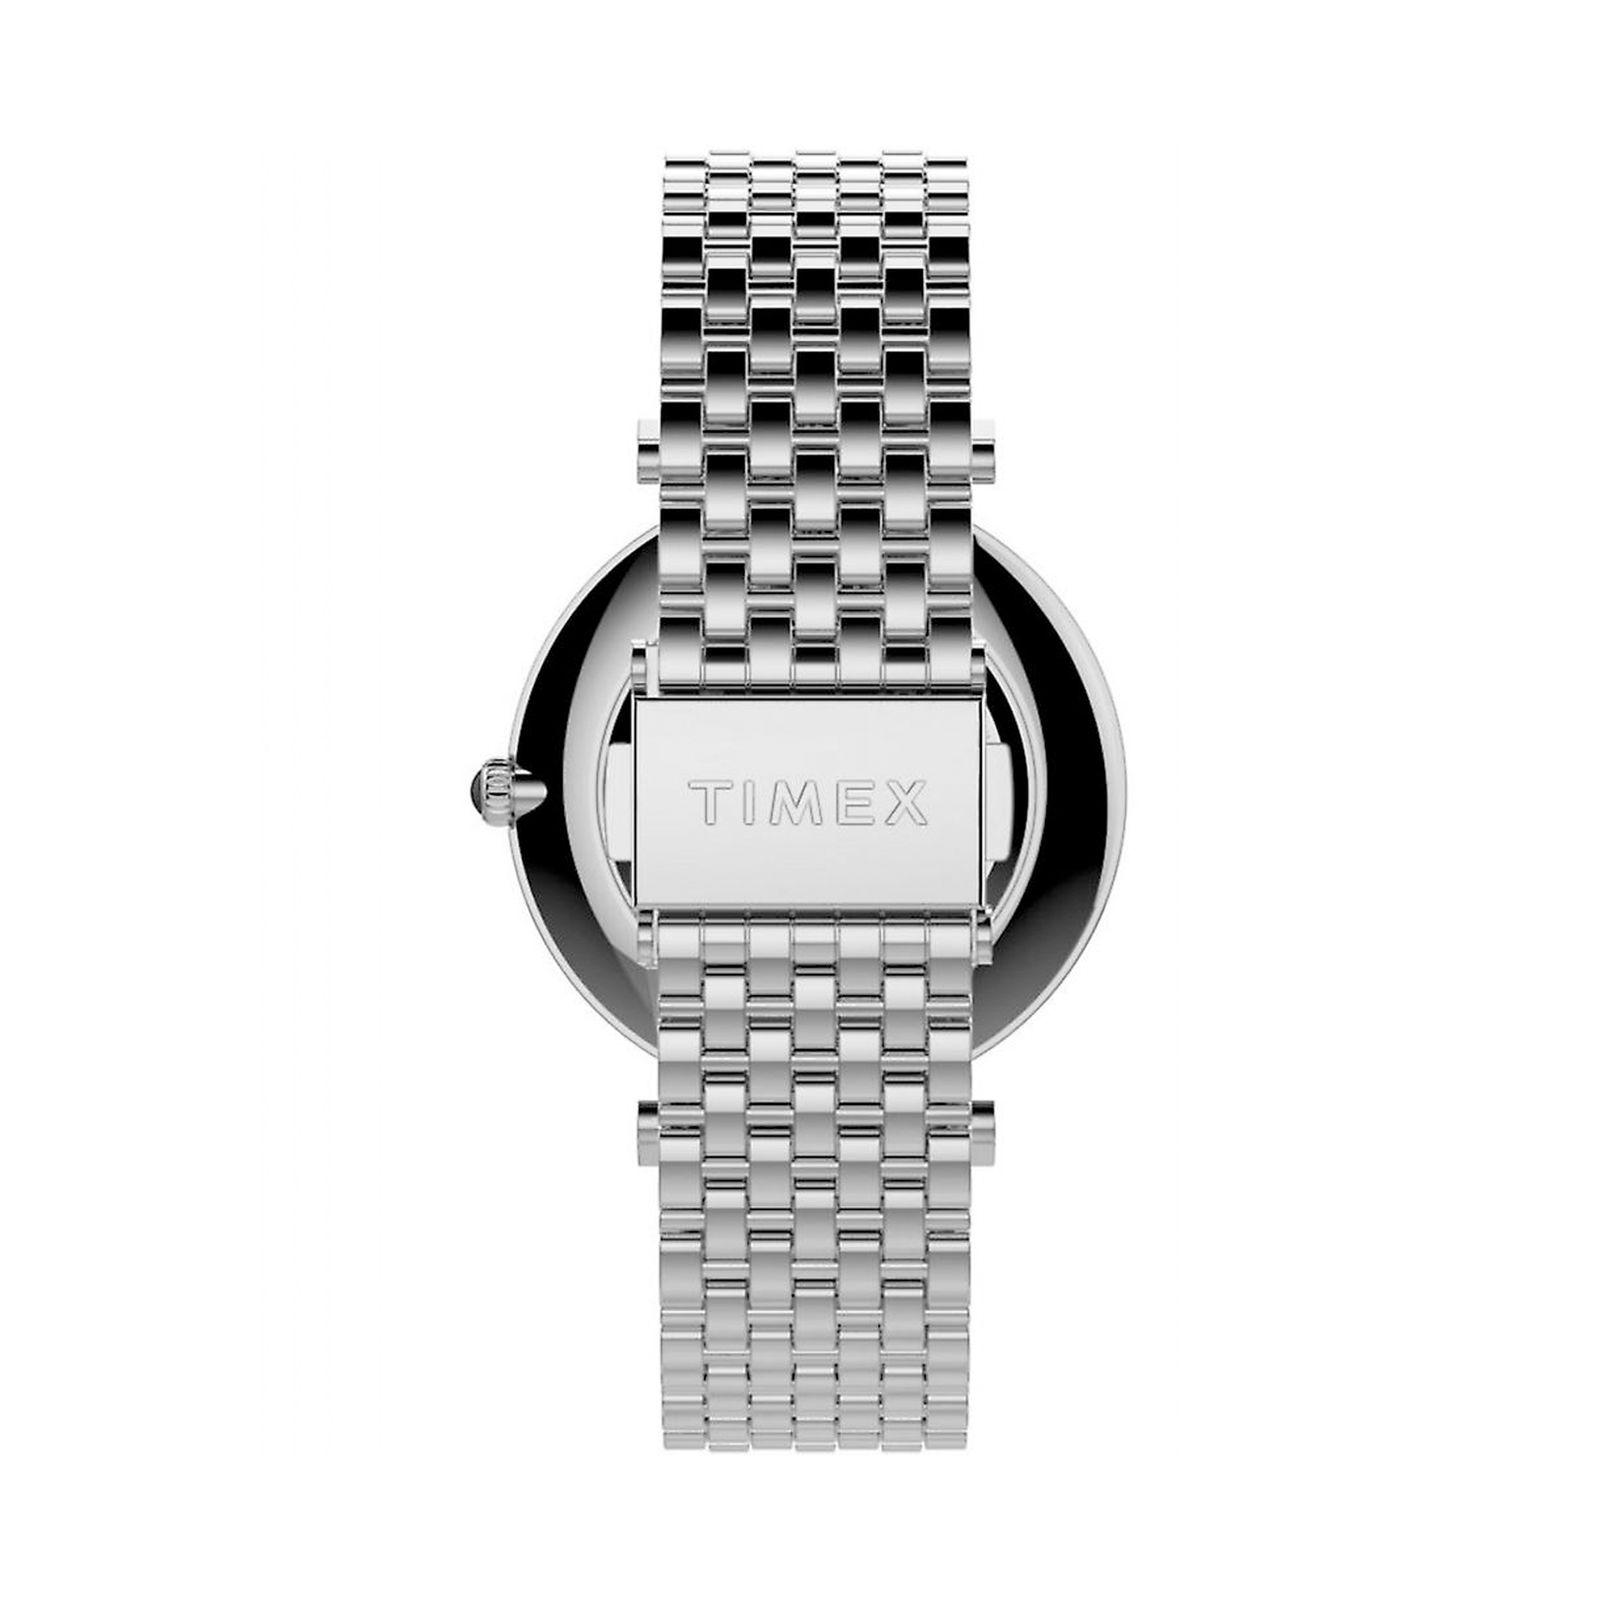 ساعت مچی عقربه ای زنانه تایمکس مدل TW2T79300 -  - 3